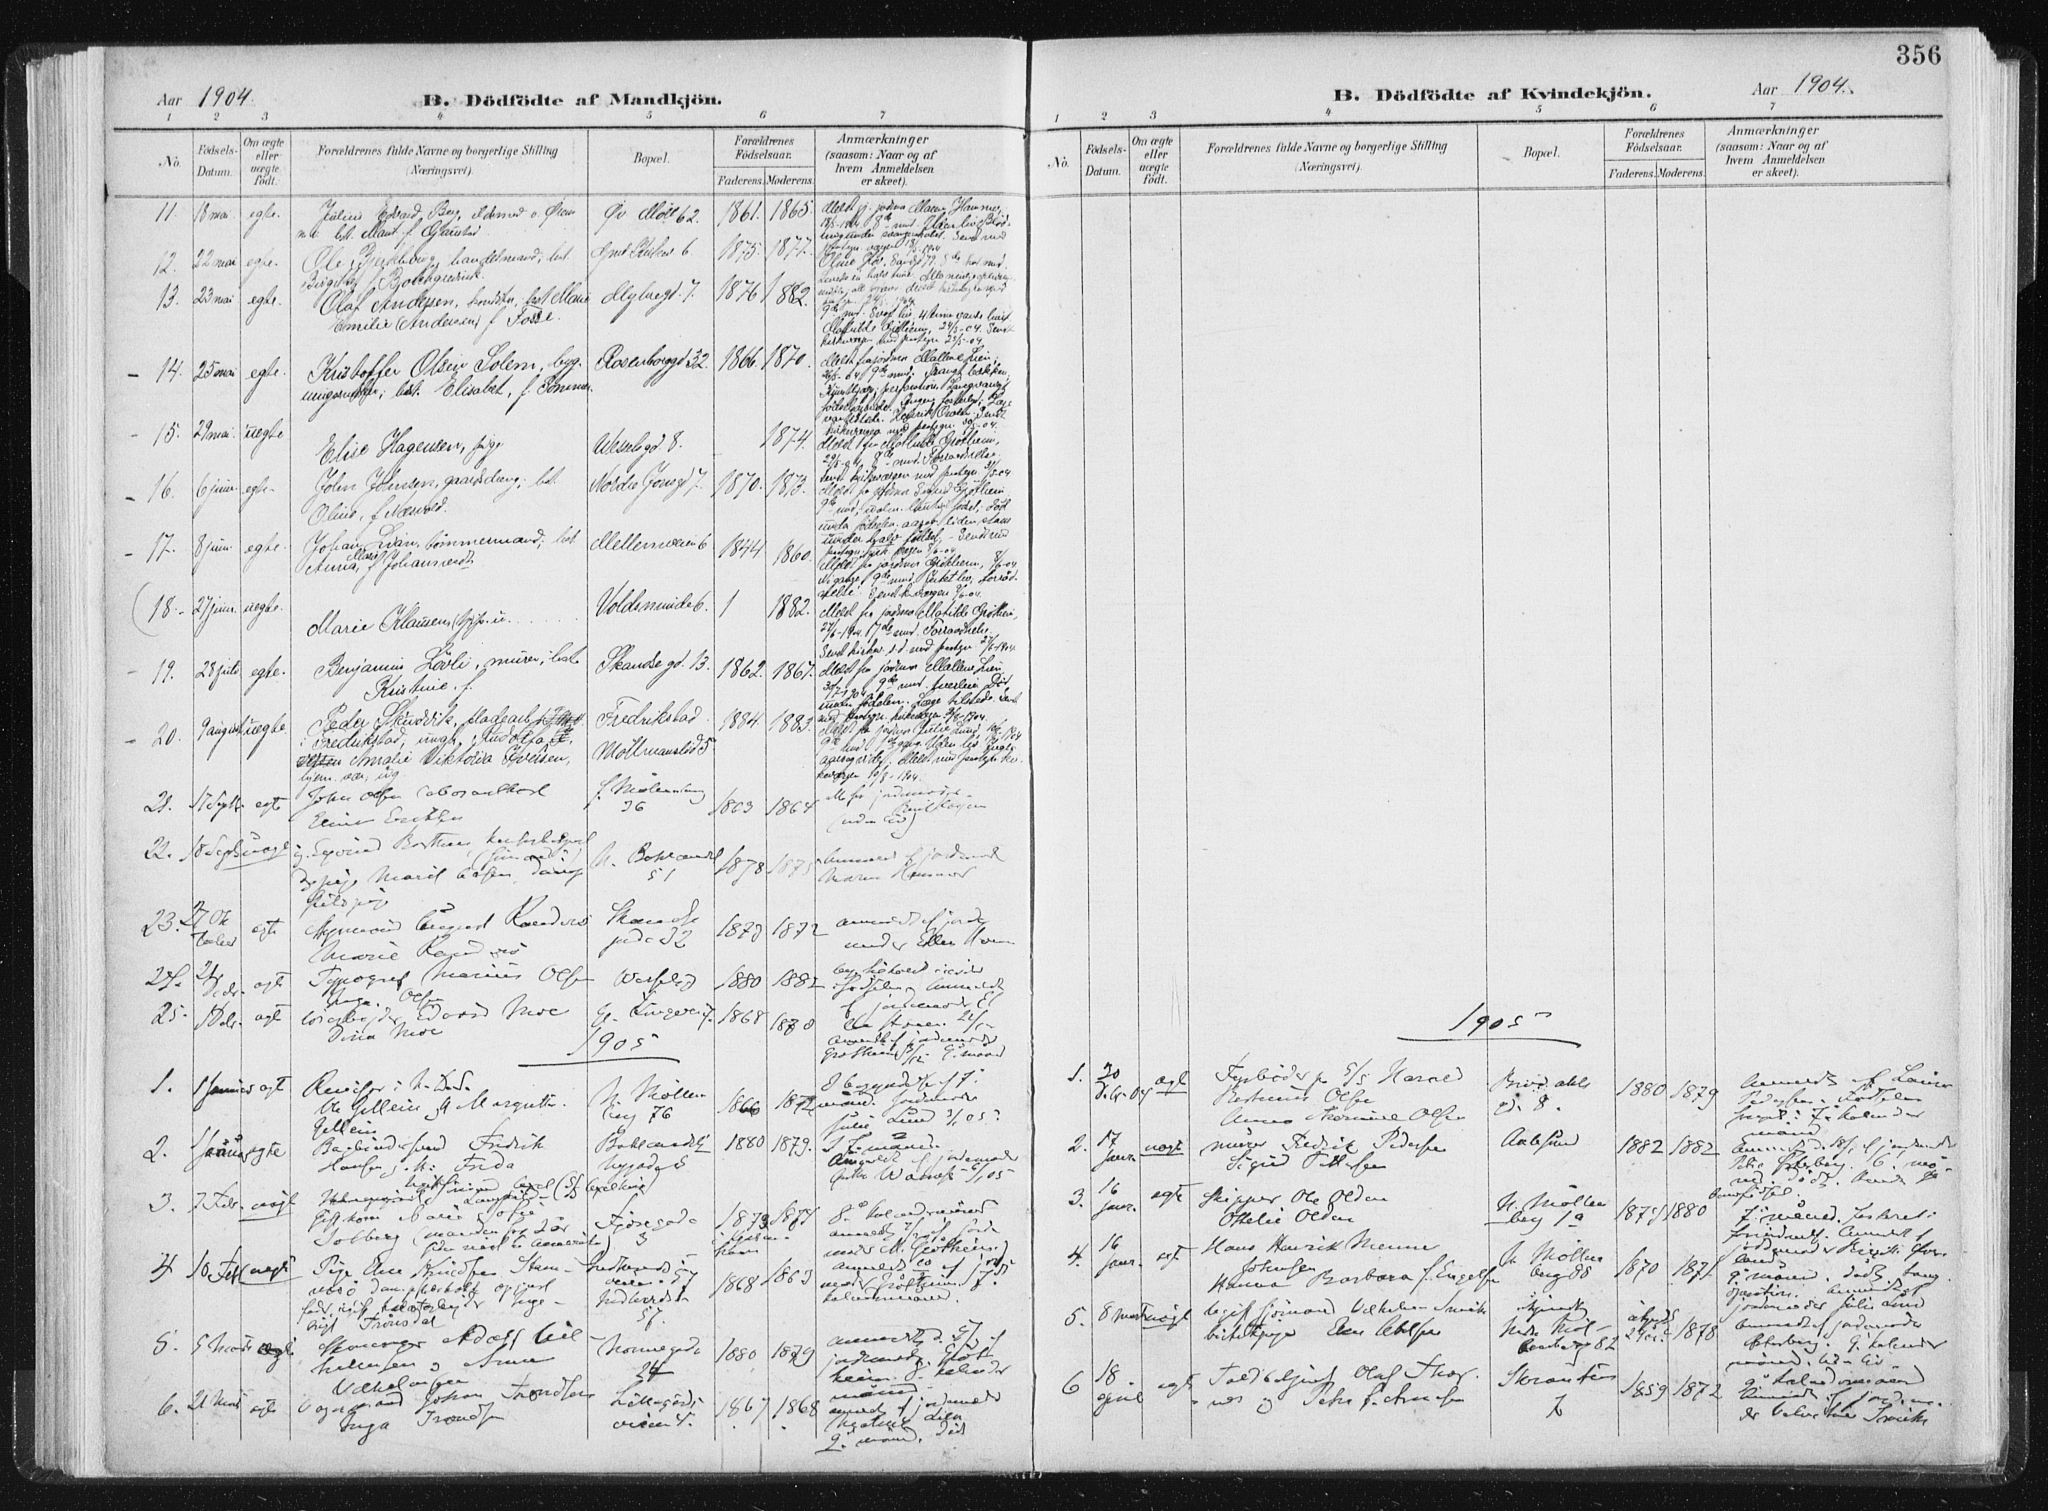 SAT, Ministerialprotokoller, klokkerbøker og fødselsregistre - Sør-Trøndelag, 604/L0200: Ministerialbok nr. 604A20II, 1901-1908, s. 356